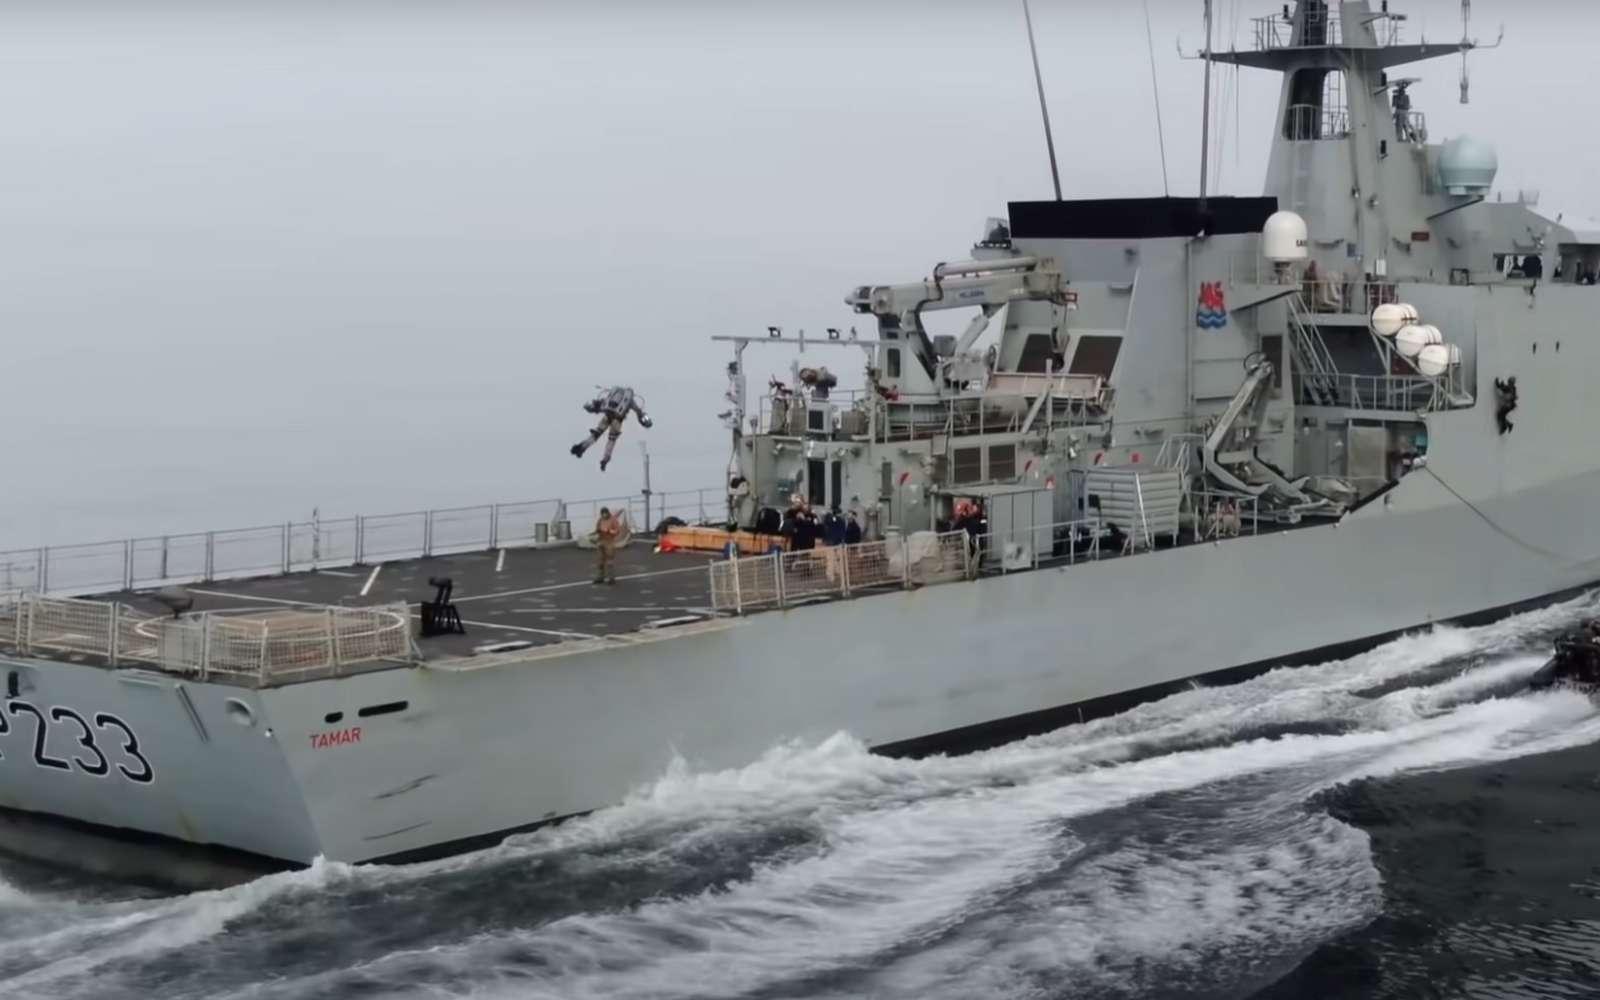 Une vidéo montre le soldat équipé du jetpack se poser sur le pont du navire de guerre de la Royal Navy. © Gravity Industries